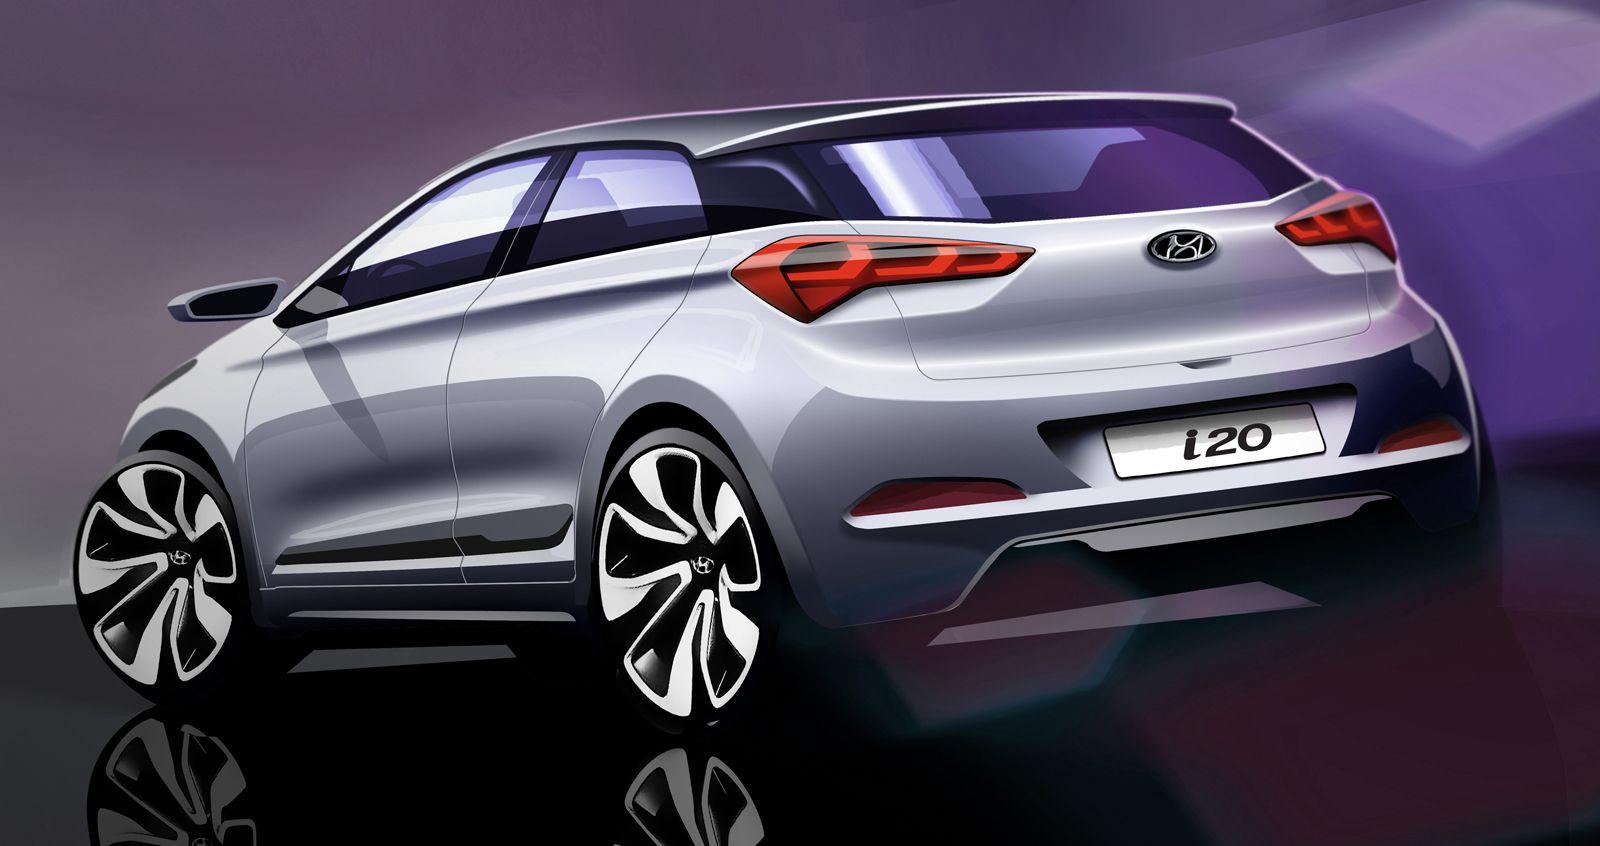 Hyundai Previews Upcoming I20 With Design Sketches Carscoops Hyundai Cars New Hyundai Hyundai